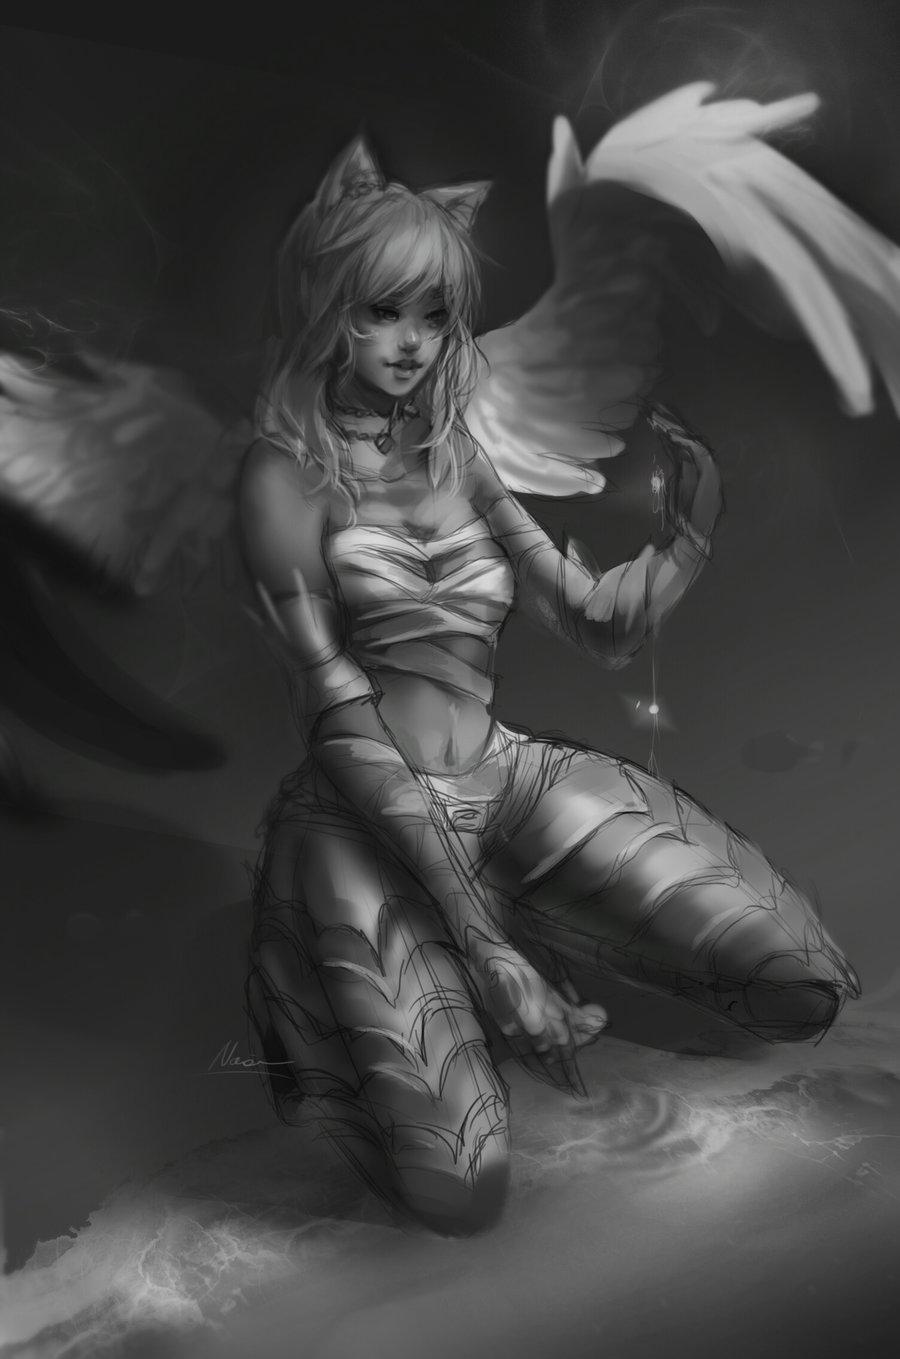 Featured Artist: NaruLeiin